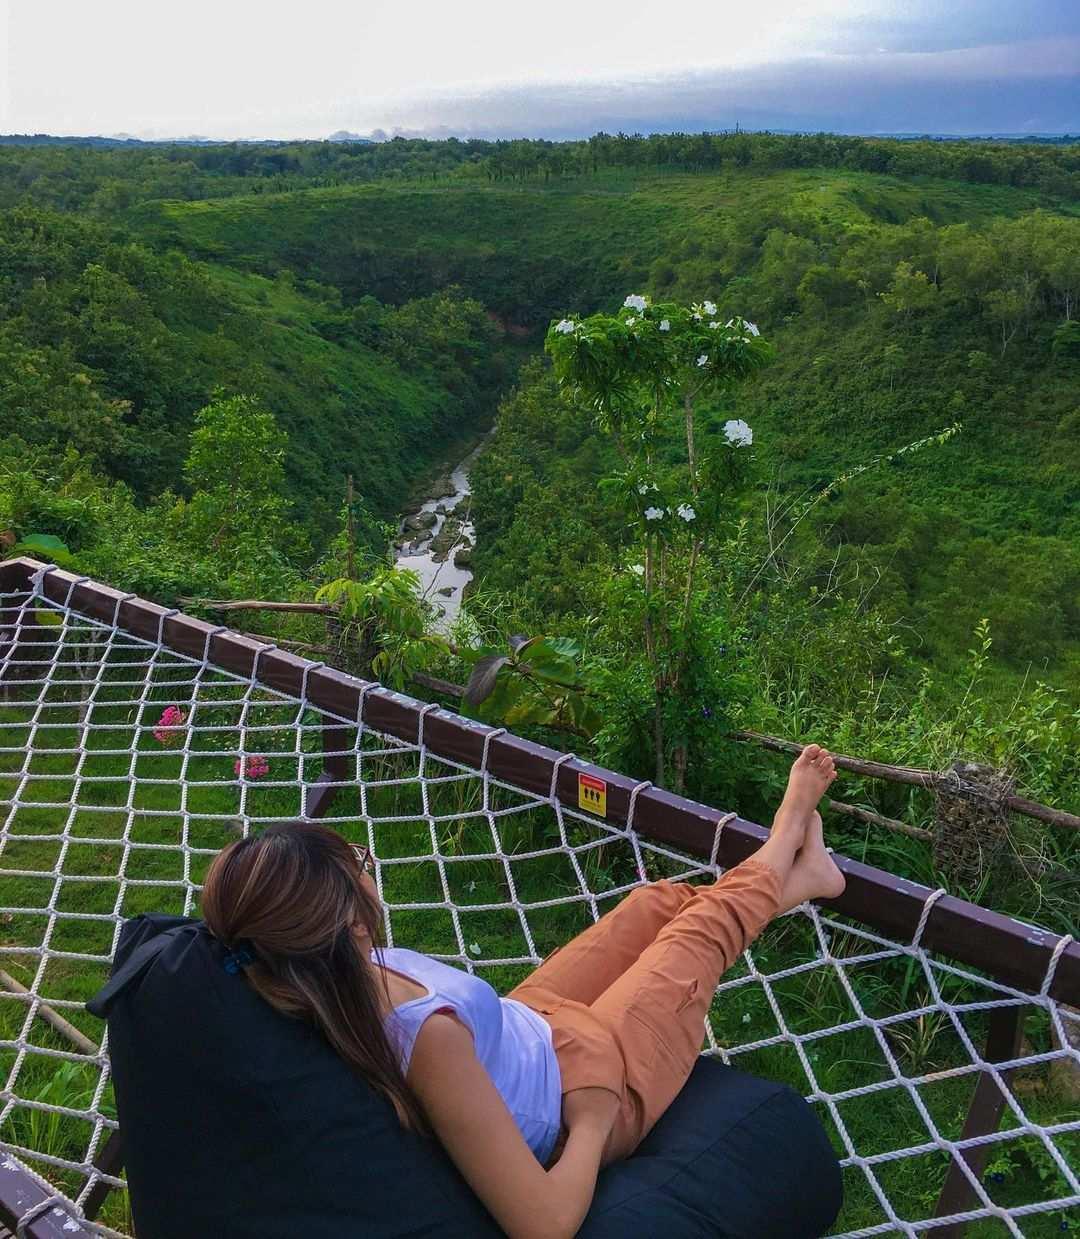 Pemandangan Sungai dan Alam dari Giri Wanara Camping Image From @luistride